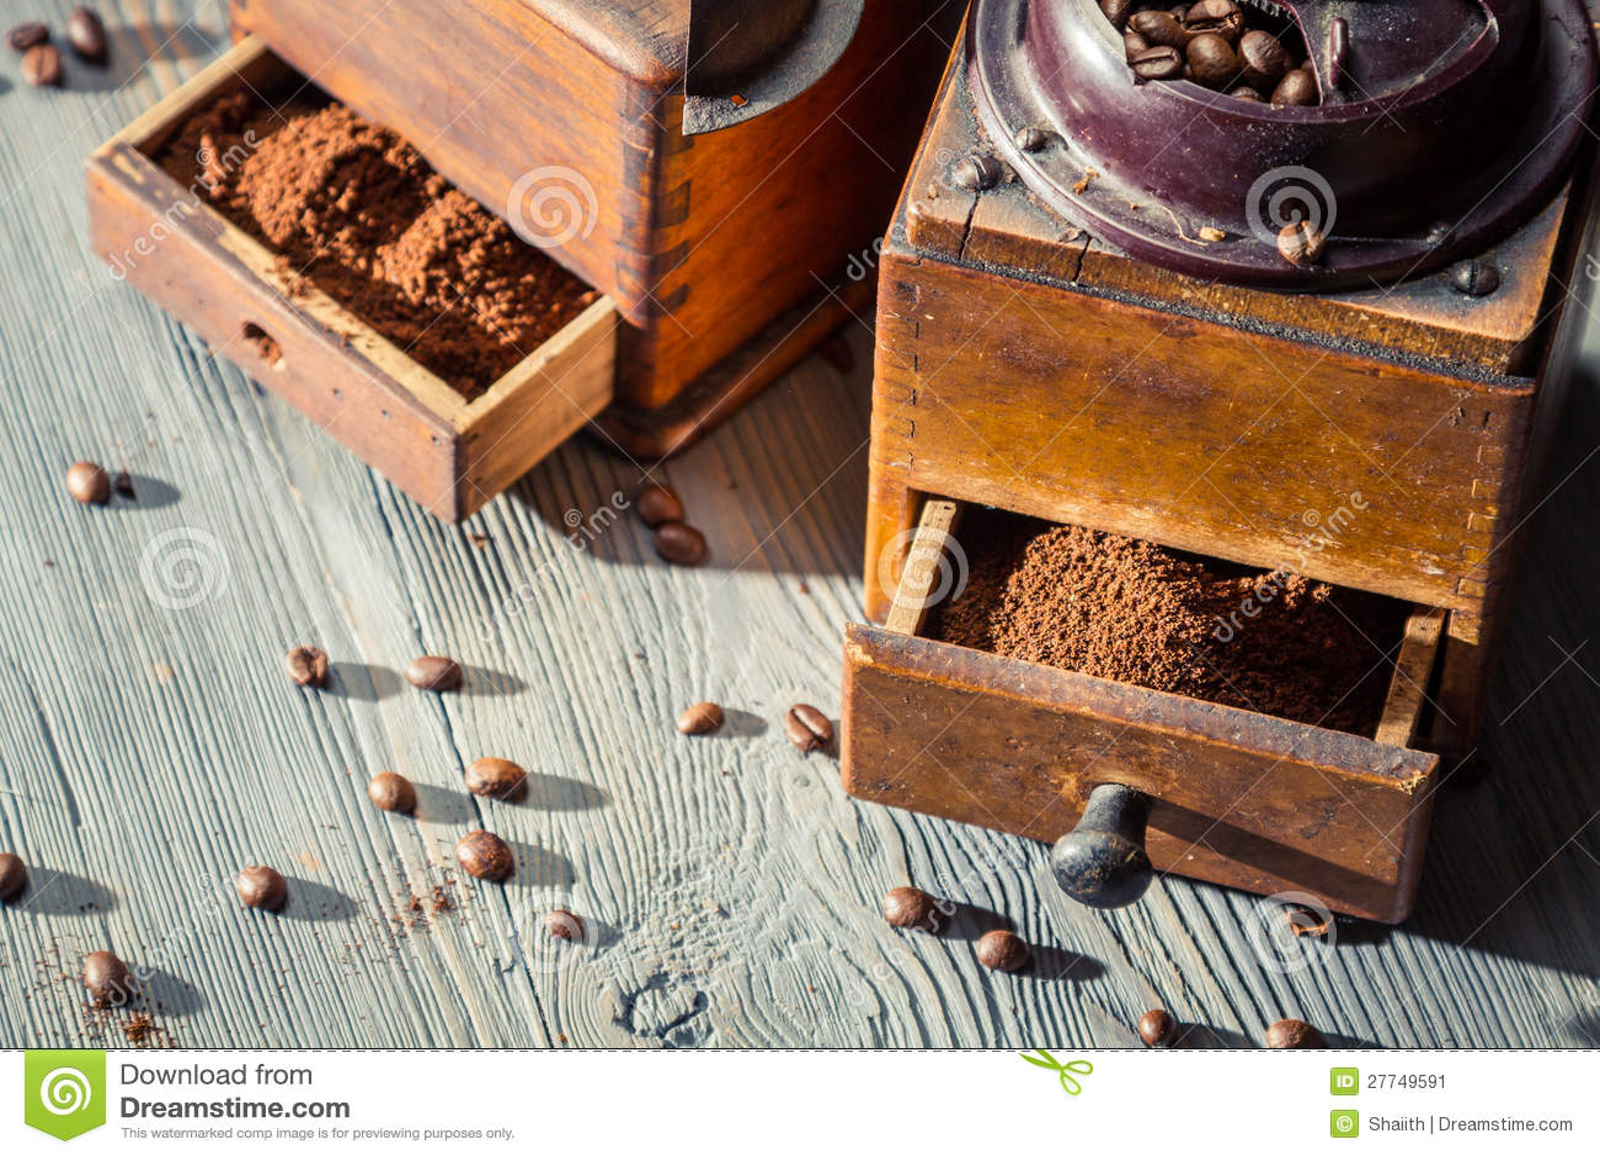 Geruch des frisch gemahlenen Kaffees